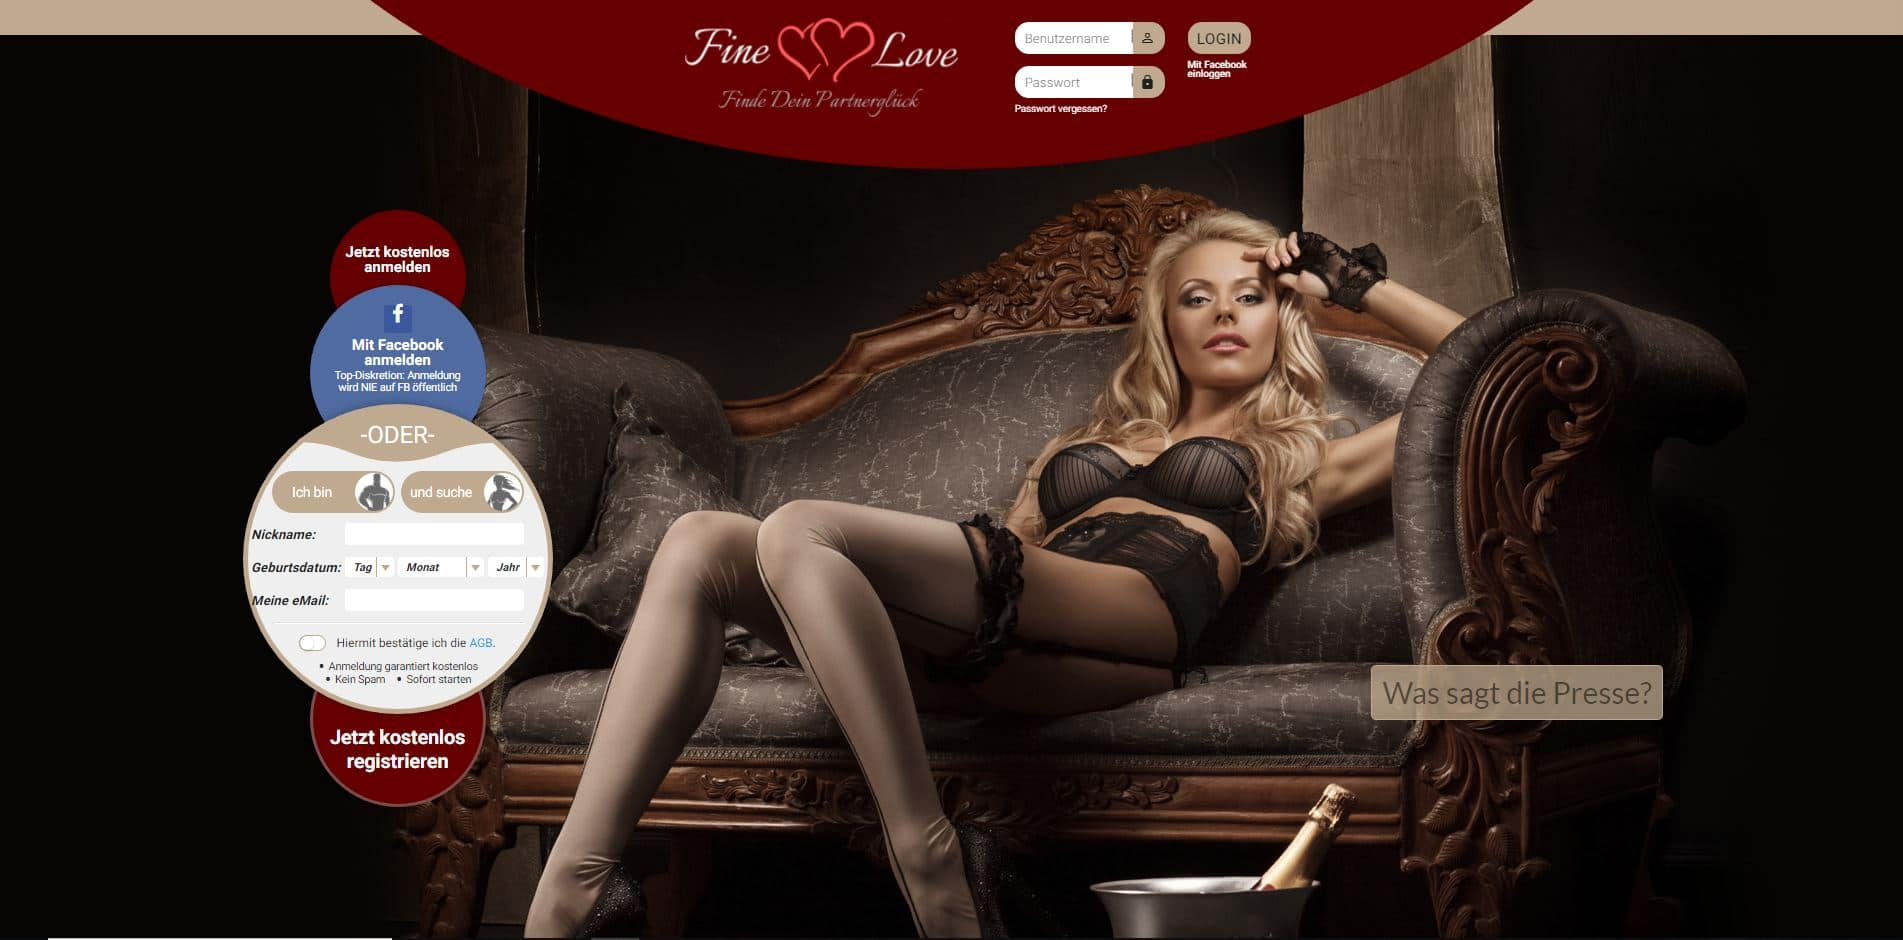 Testbericht: Fine-love.net